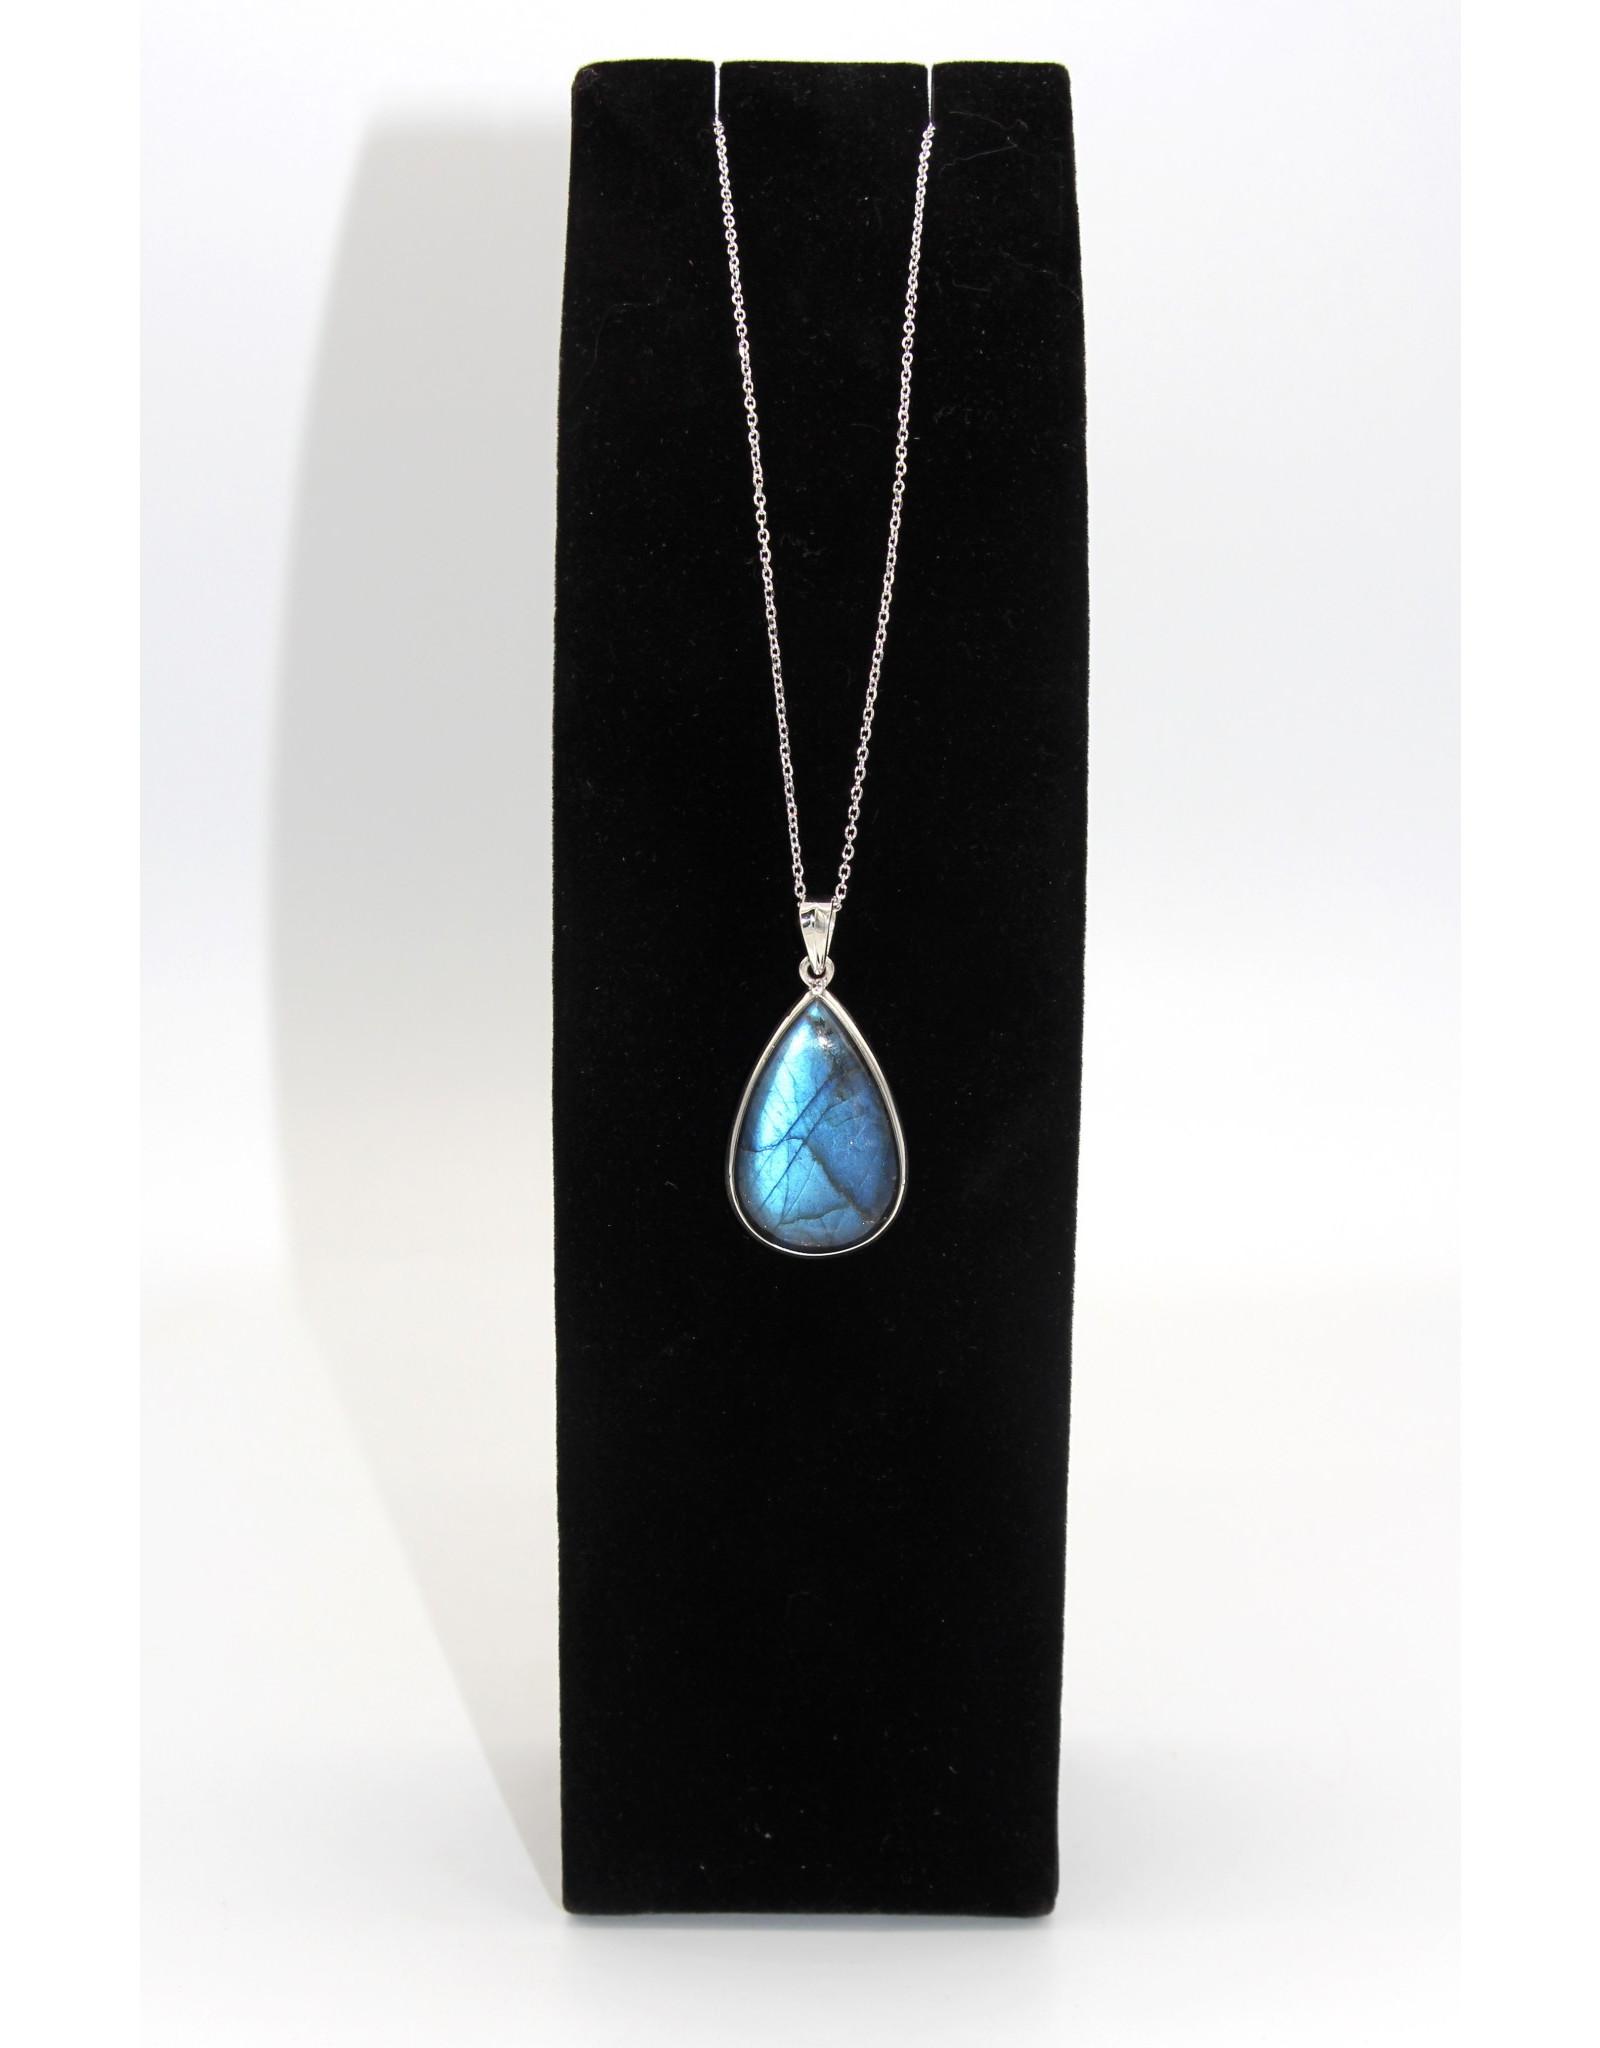 Labradorite Necklace - 10605